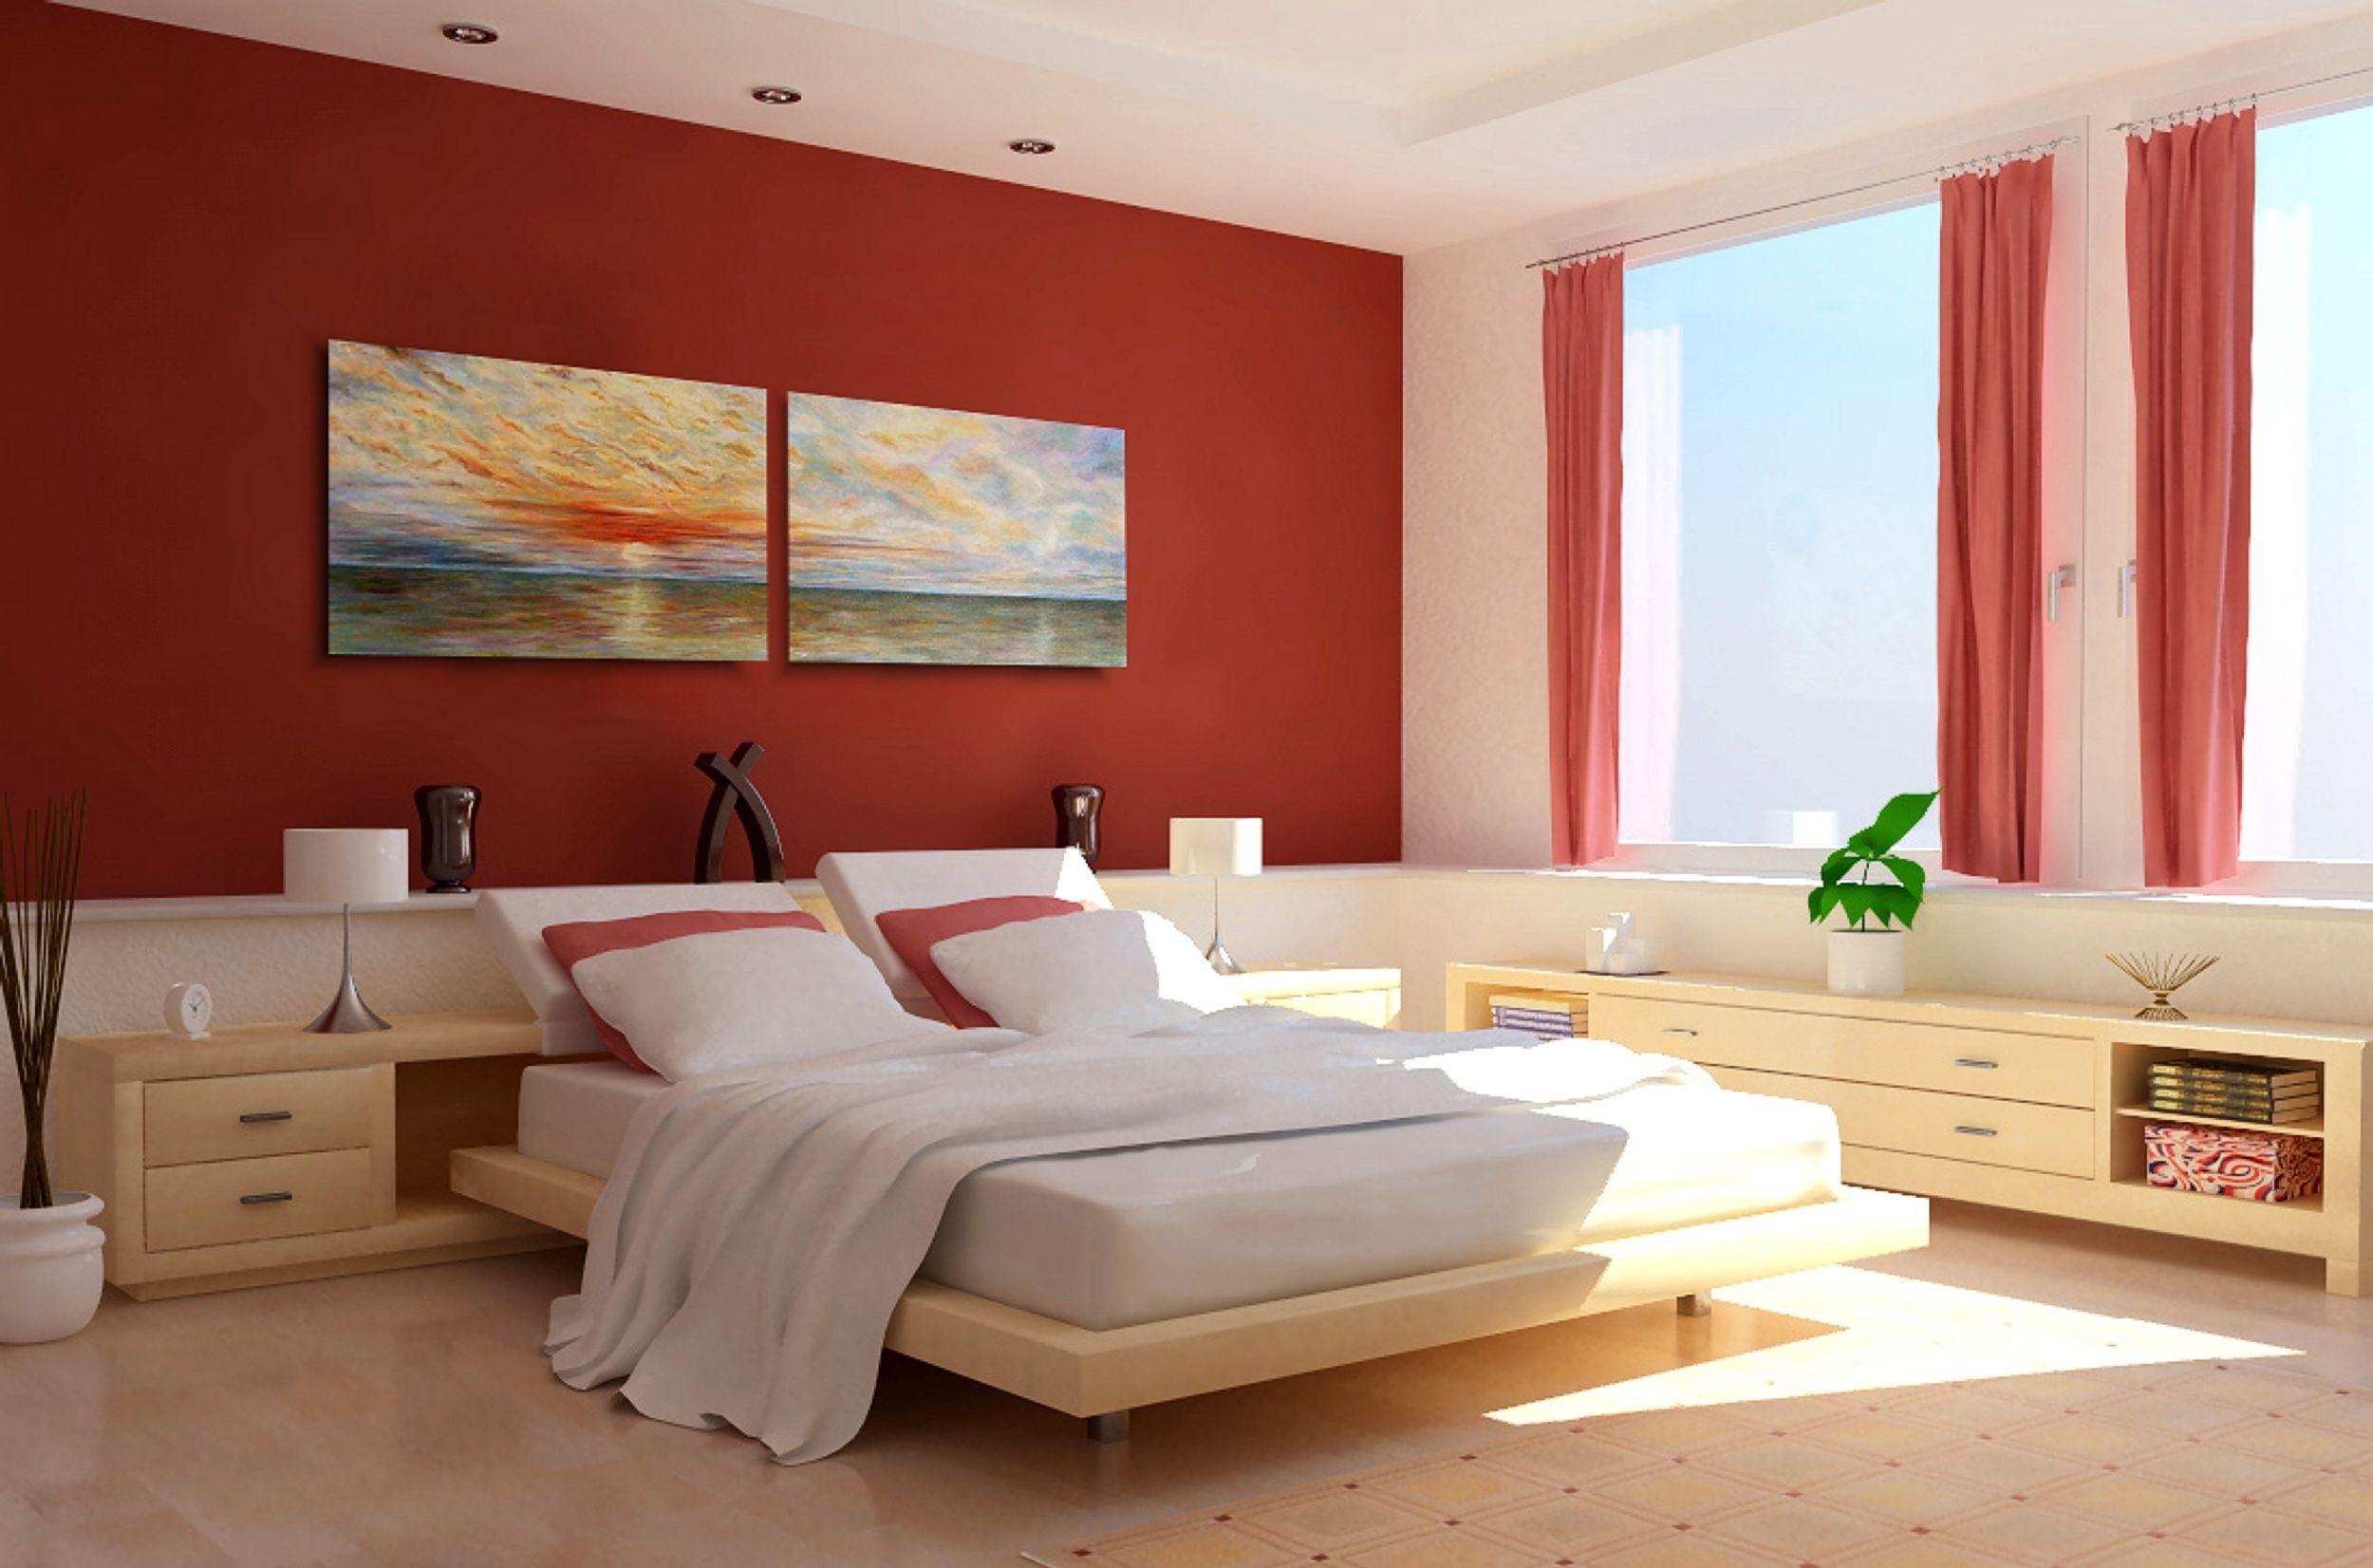 Full Size of Ikea Schlafzimmer Ideen Girly Fr Erwachsene Und Standard Komplett Mit Lattenrost Matratze Regal Kommoden Deckenleuchte Teppich Wohnzimmer Tapeten Deckenlampe Wohnzimmer Ikea Schlafzimmer Ideen